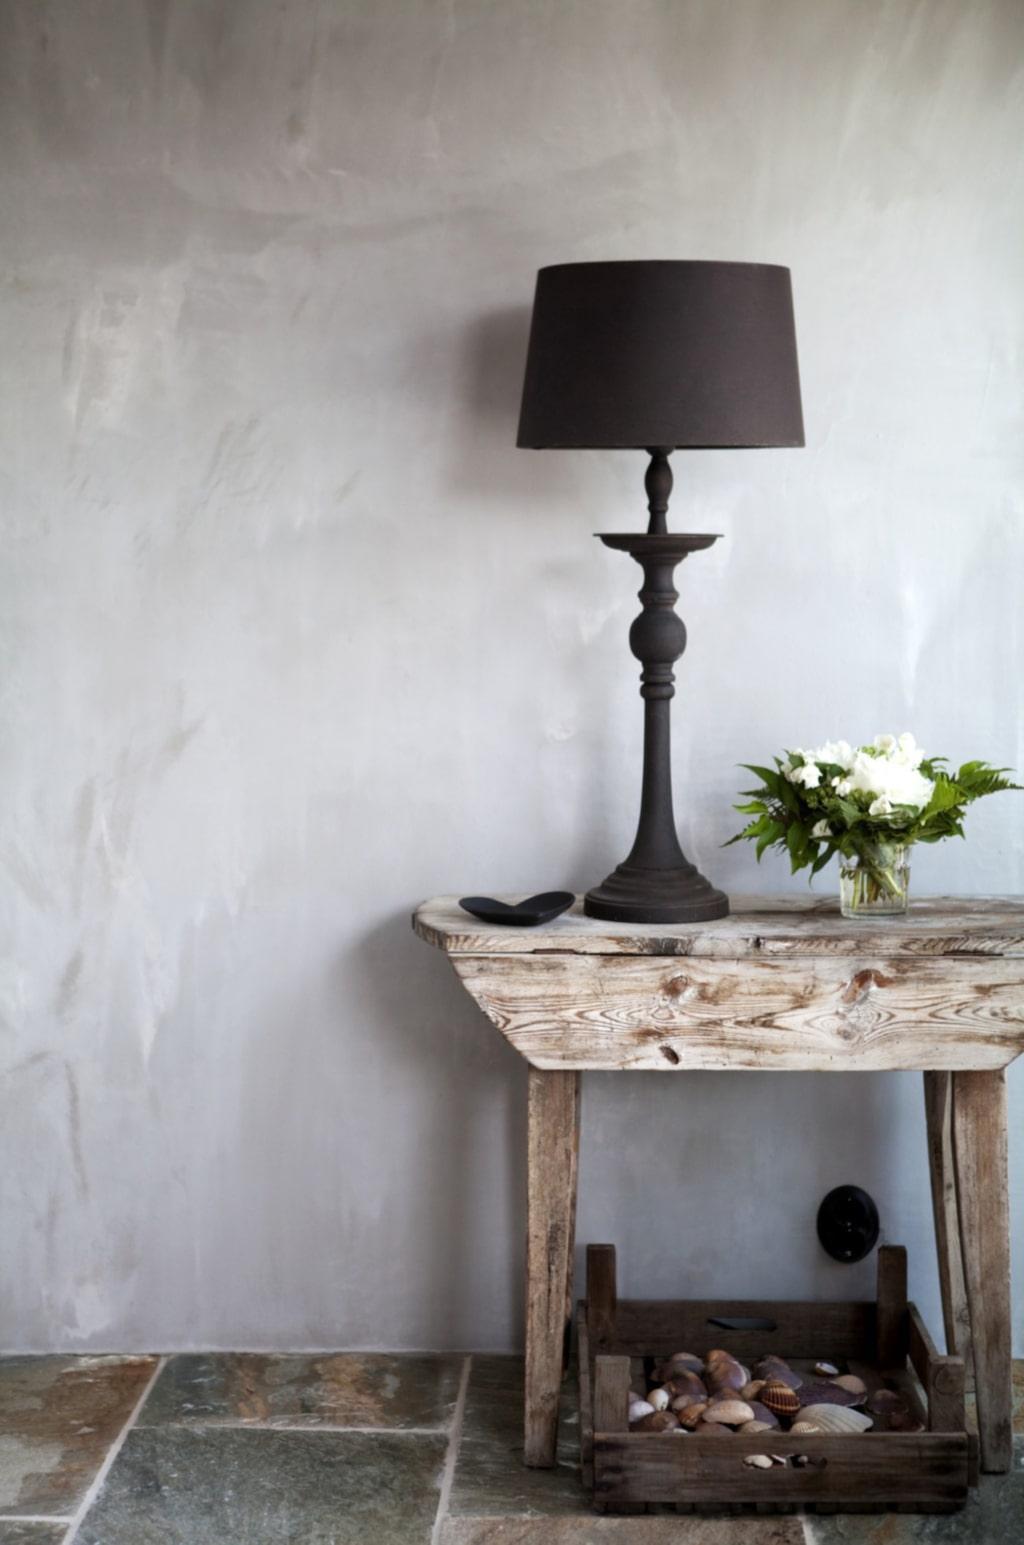 De vackert flammiga och helt matta väggarna gjordes av en blandning av spackel och bruk. Bordet är ett gammalt loppisfynd som förut stod i Eva-Lenas växthus men fick flytta in.  Trätråg med snäckor samlade från resor. Svart lampa från PB home.